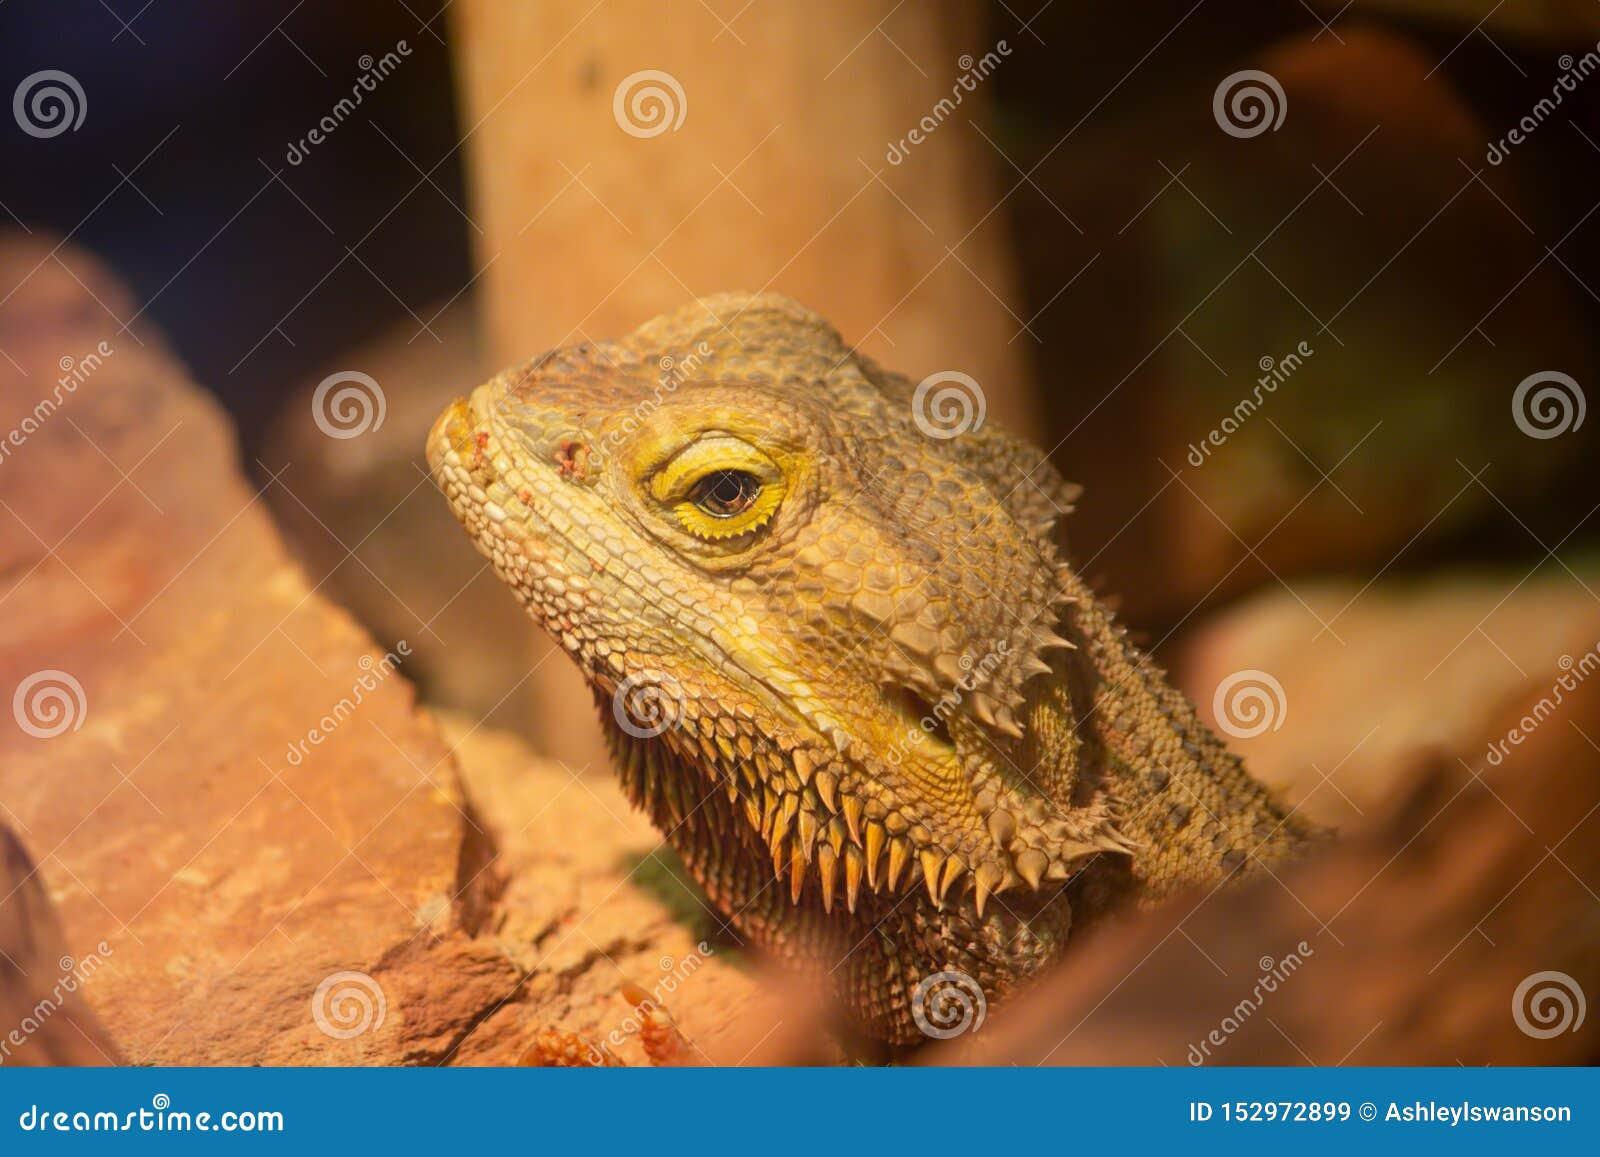 Uppsökte Dragon Close Up Face